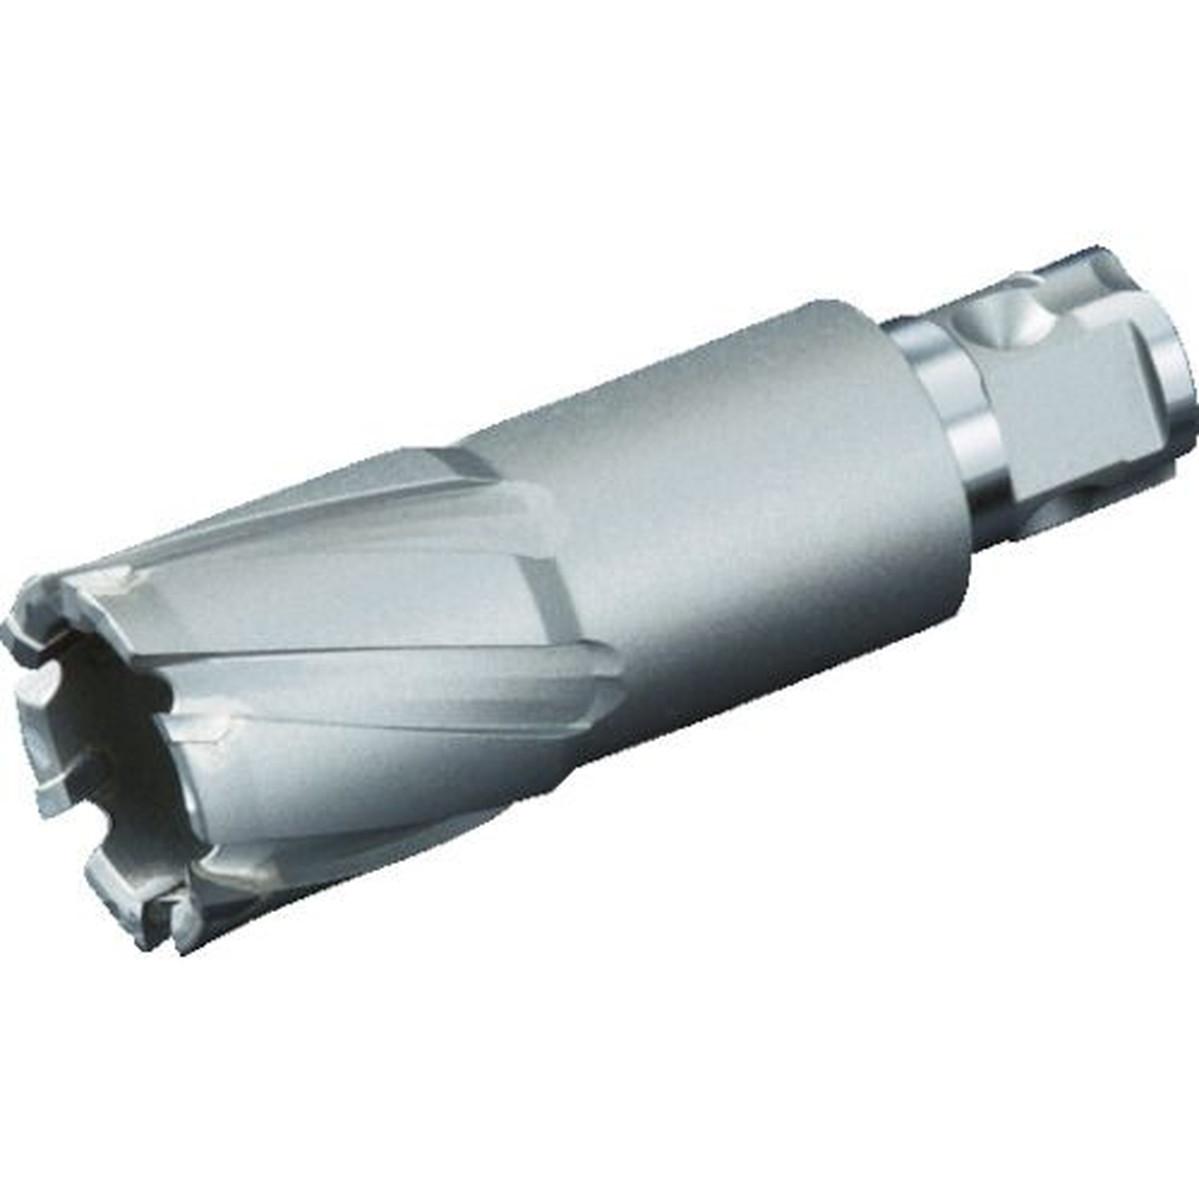 独特な ユニカ メタコアマックス50 57.0mm ワンタッチタイプ 57.0mm 1本 ユニカ 1本, 南箕輪村:a70309b1 --- lebronjamesshoes.com.co